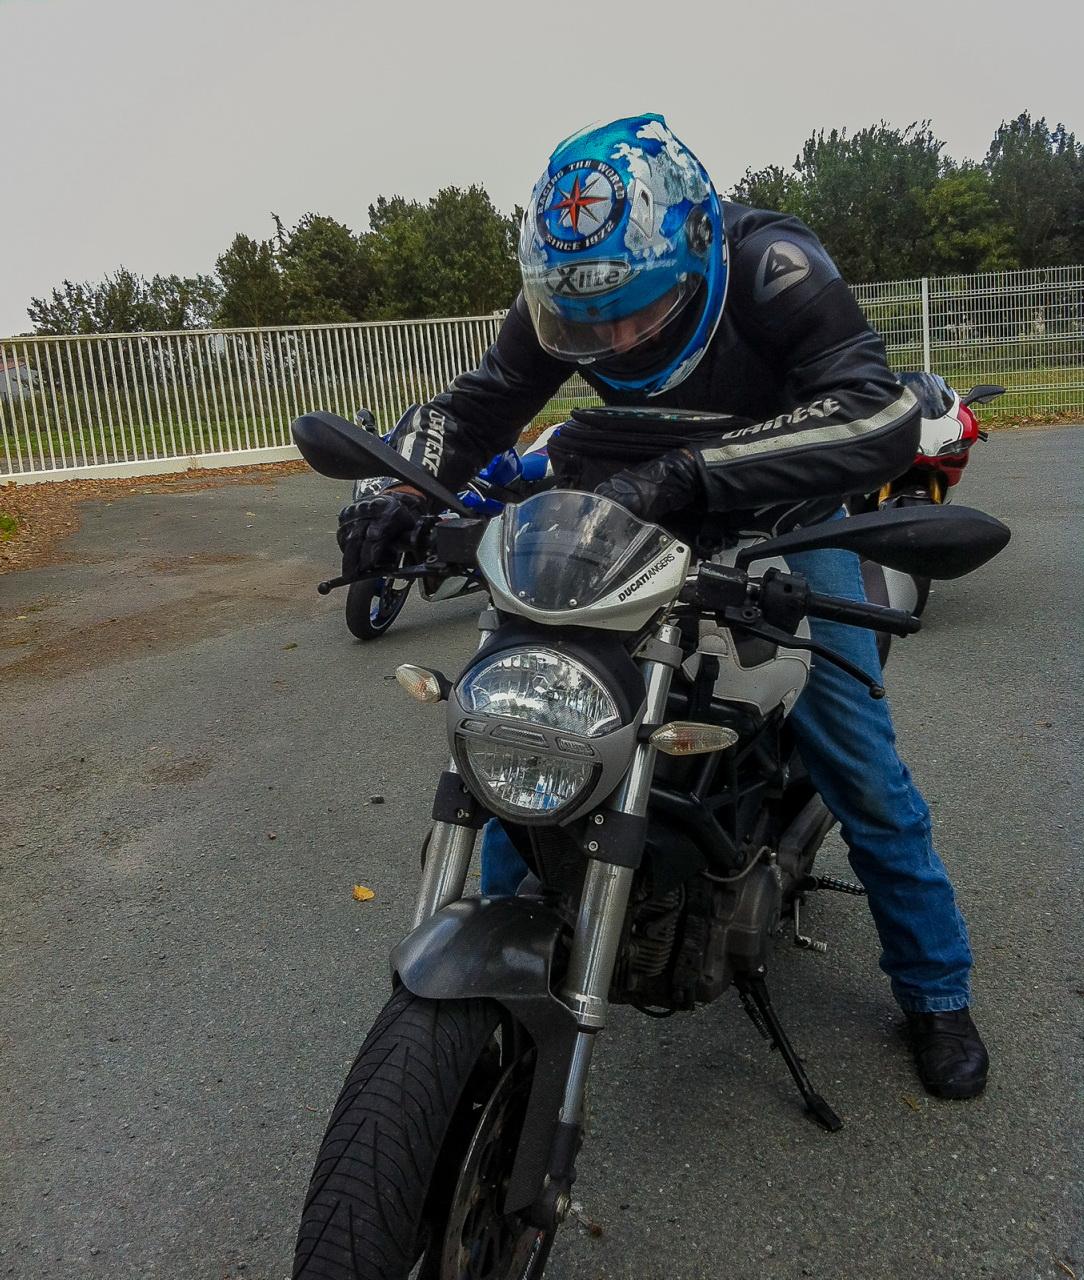 2012_08_25_Sortie moto du 25-08-2012_4